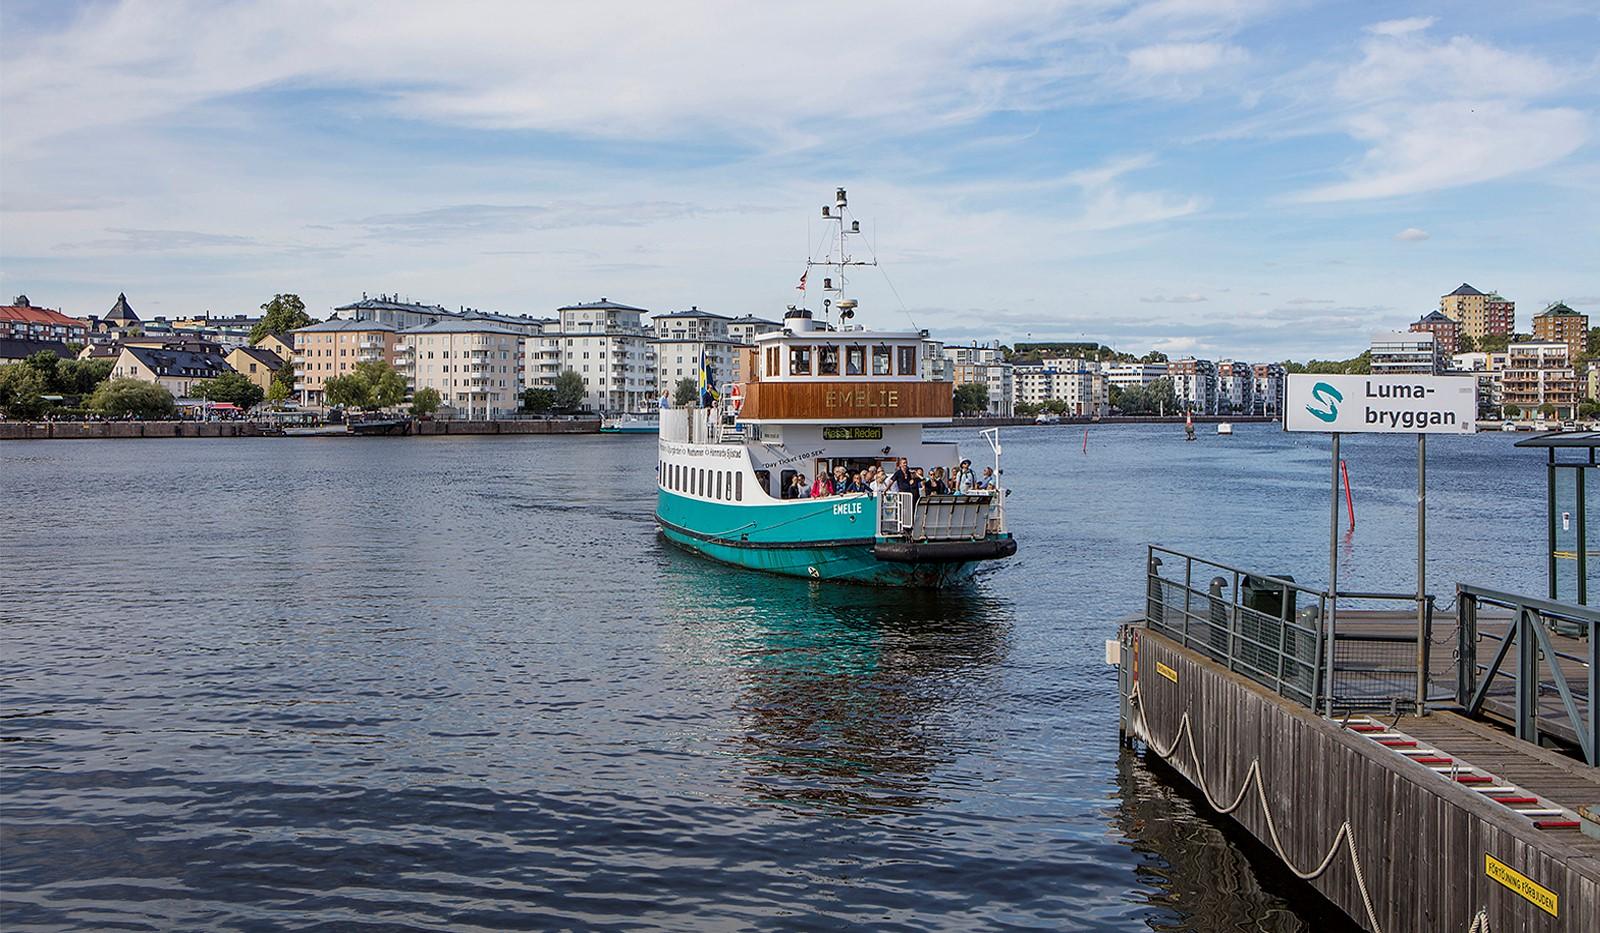 Sickla kanalgata 13B - Hammarby Sjö